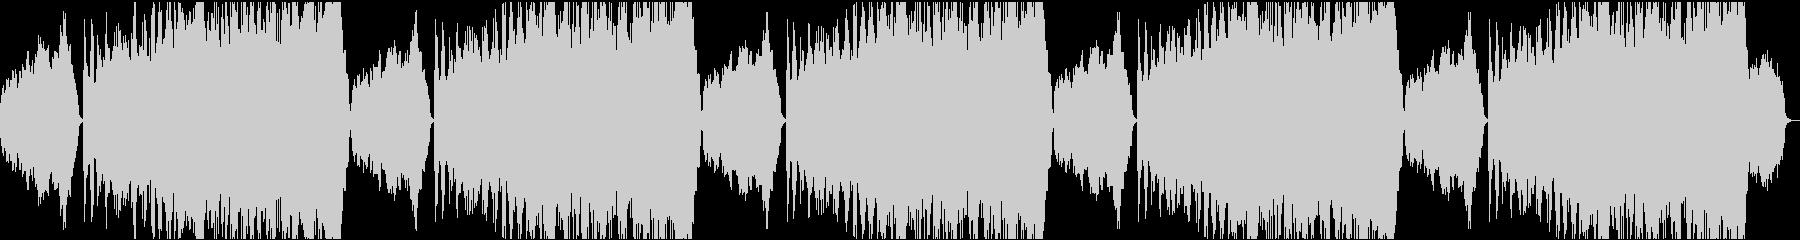 企業VP1 14分 16bit48kHzの未再生の波形